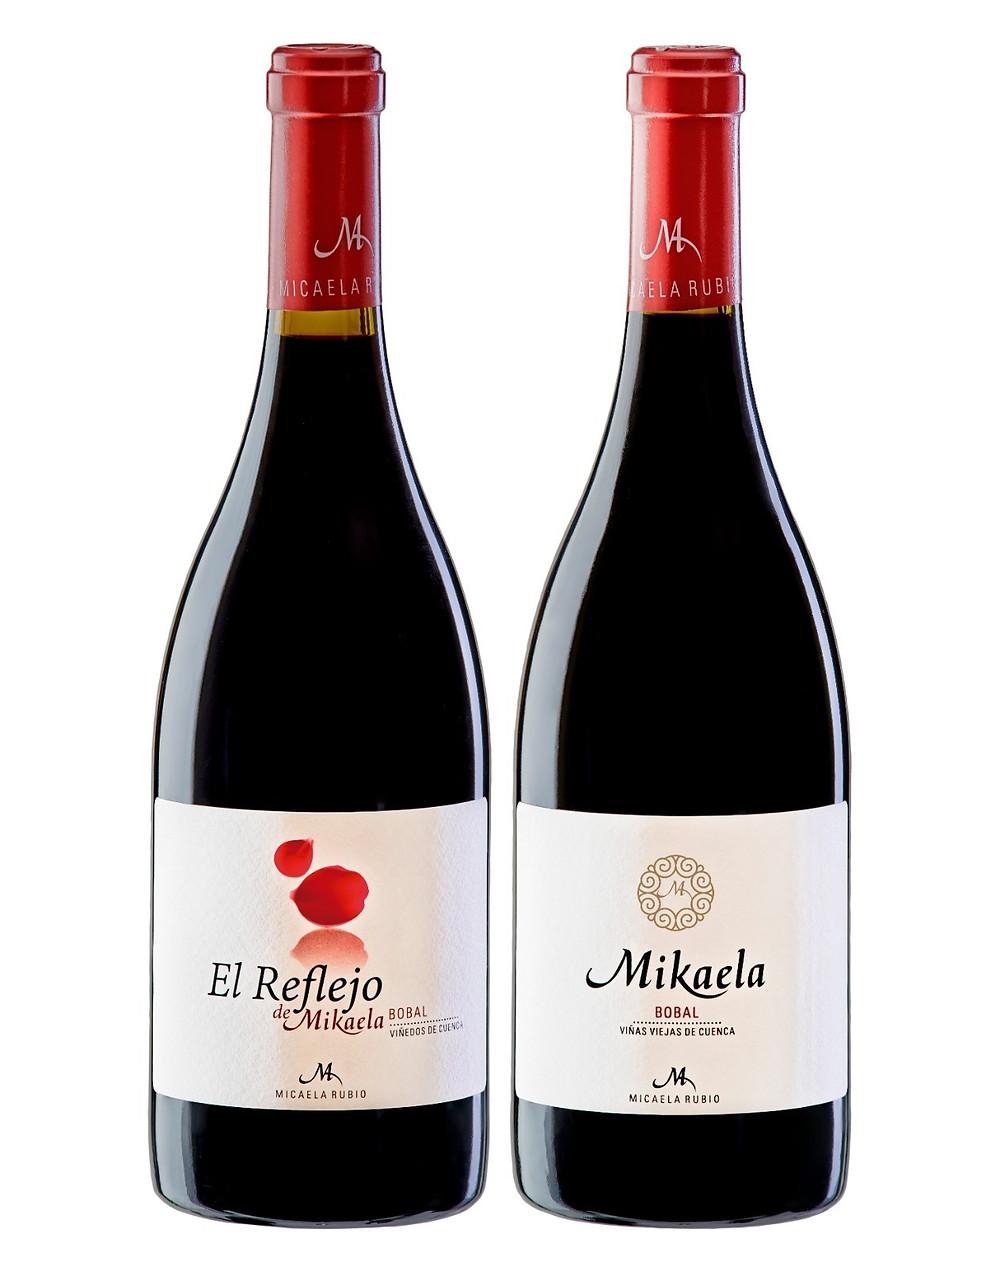 vino tinto mikaela y el reflejo de mikaela de uva bobal